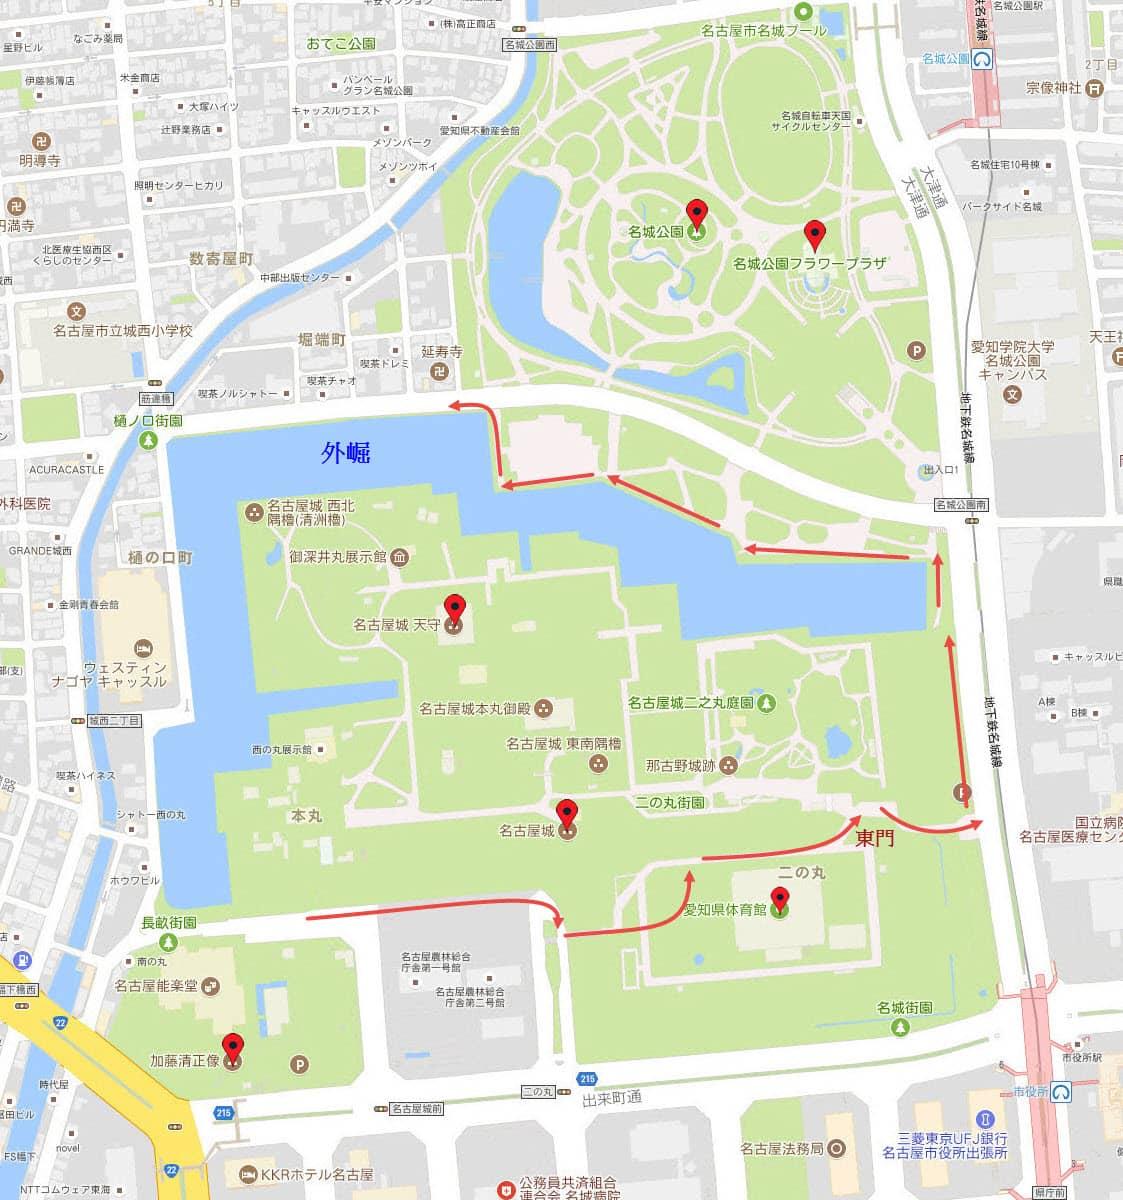 名古屋城、外崛、名城公園地圖